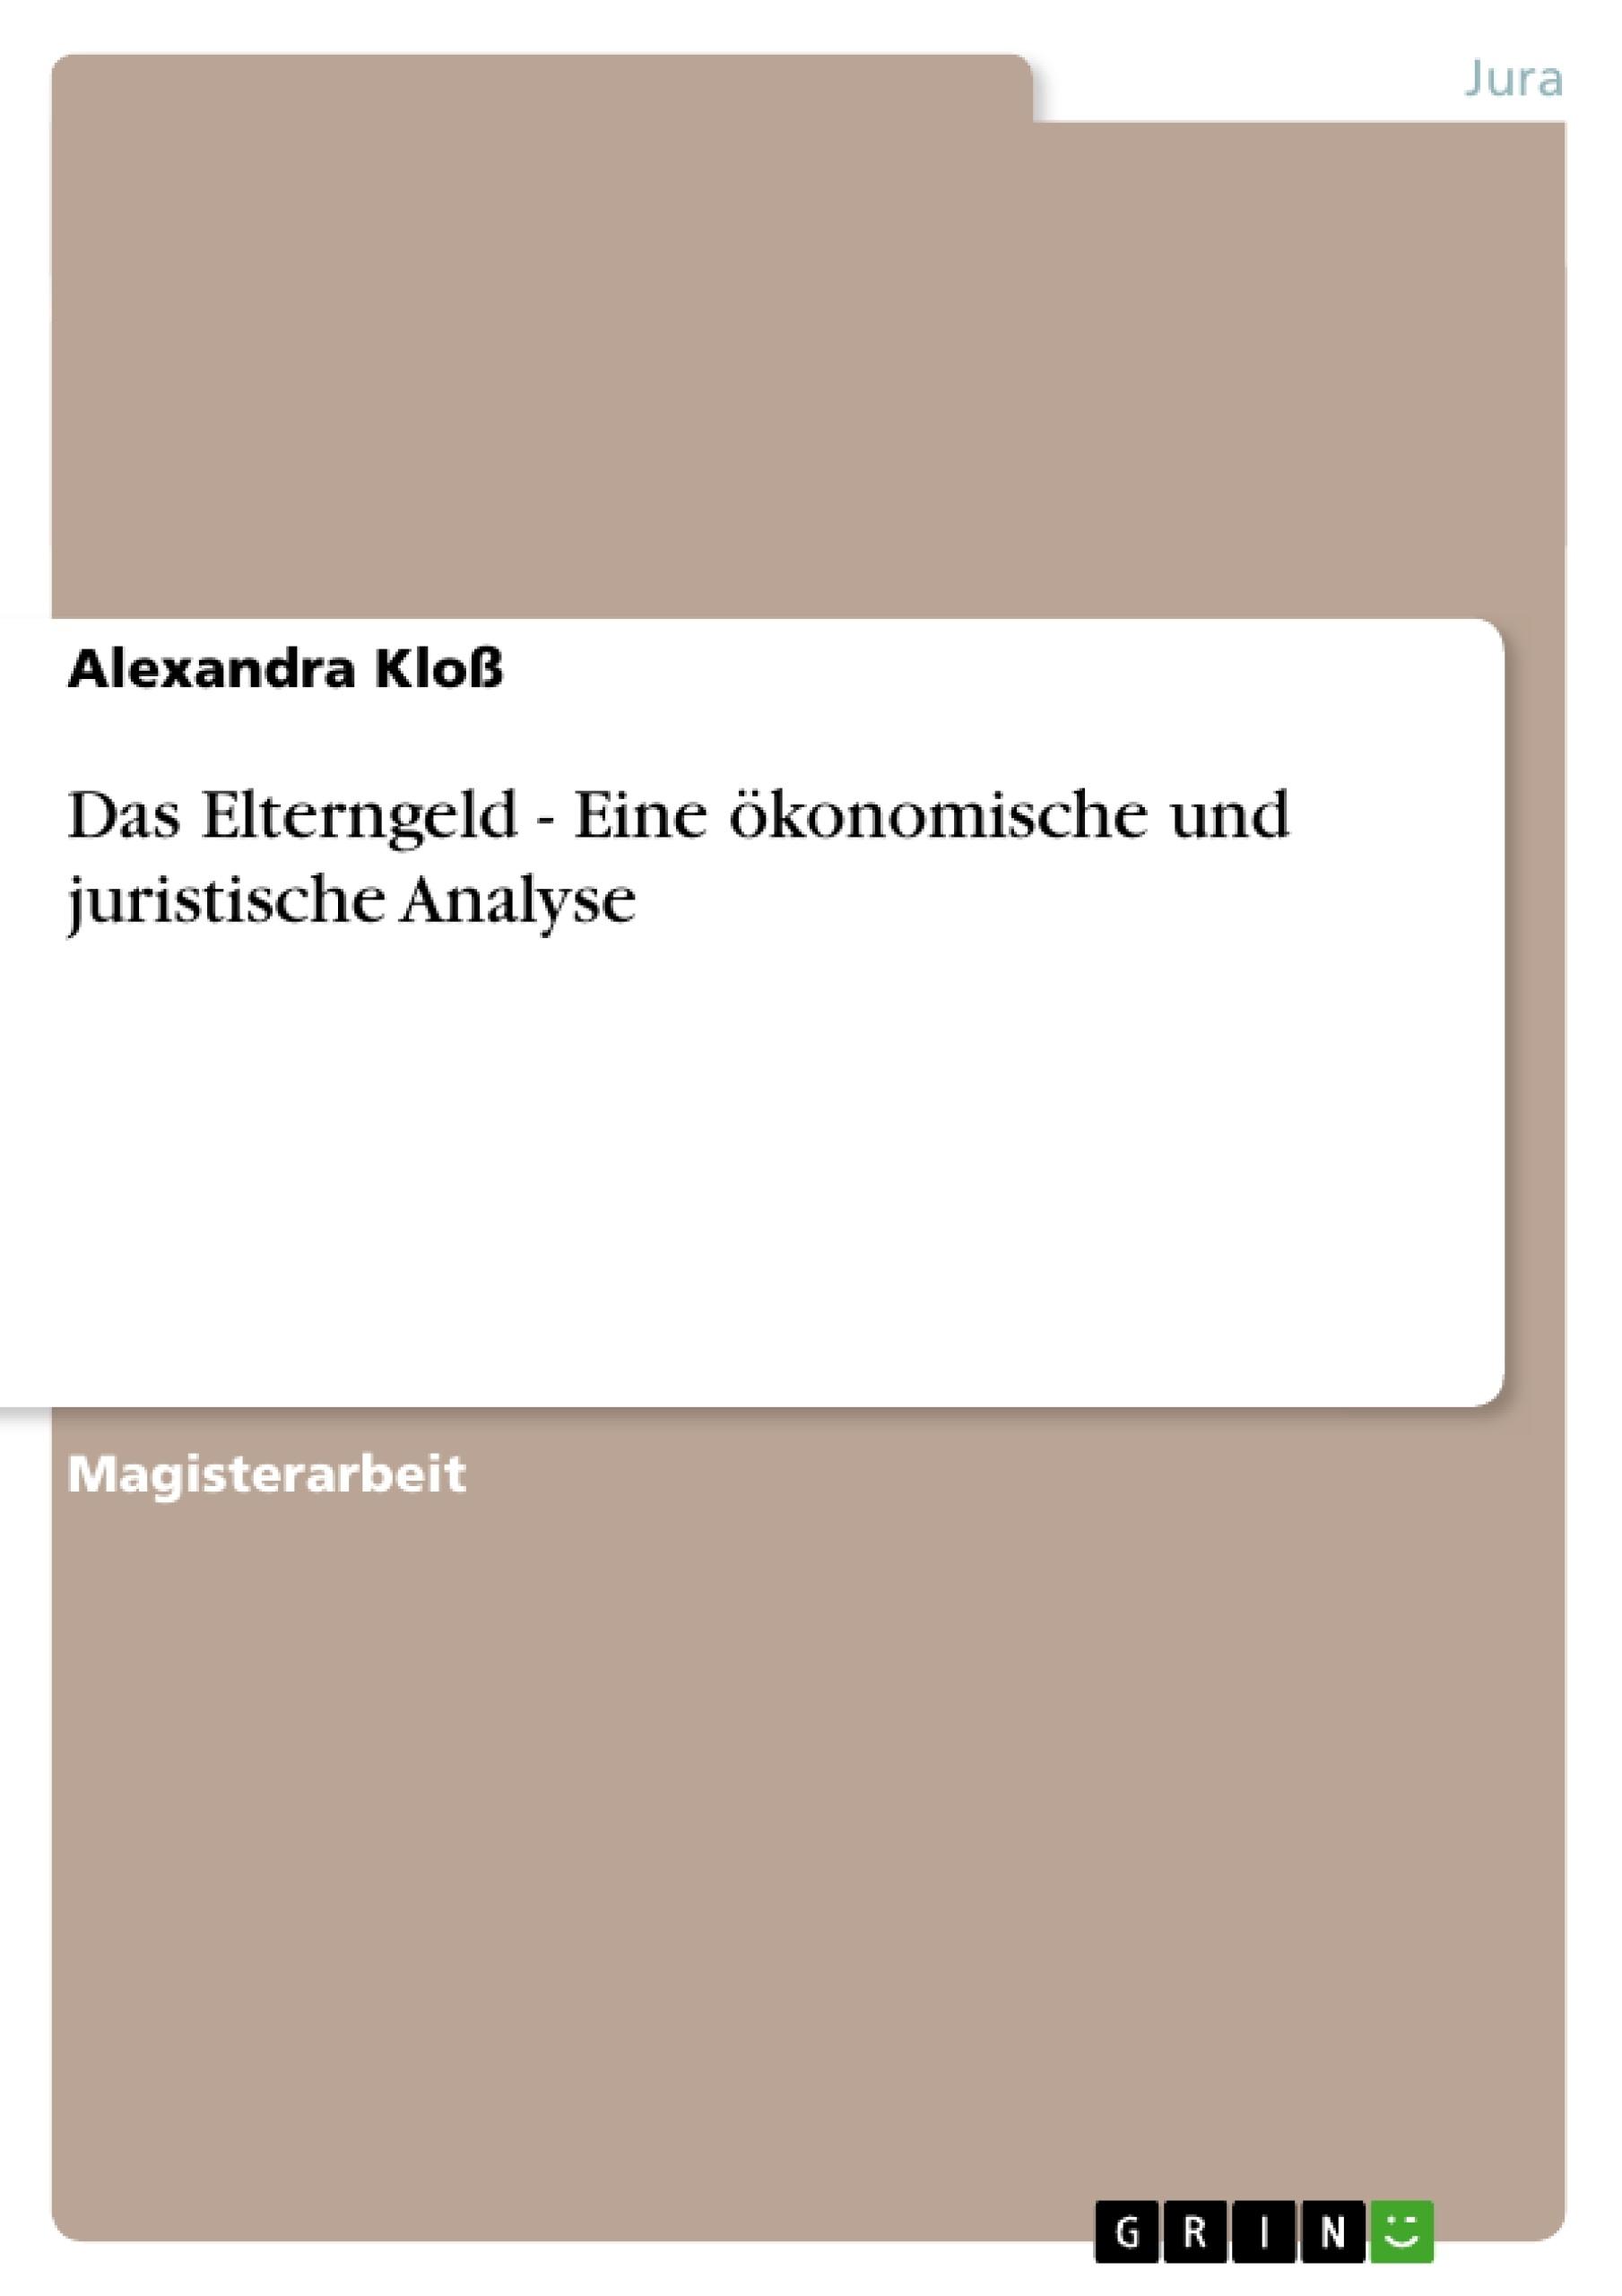 Titel: Das Elterngeld - Eine ökonomische und juristische Analyse